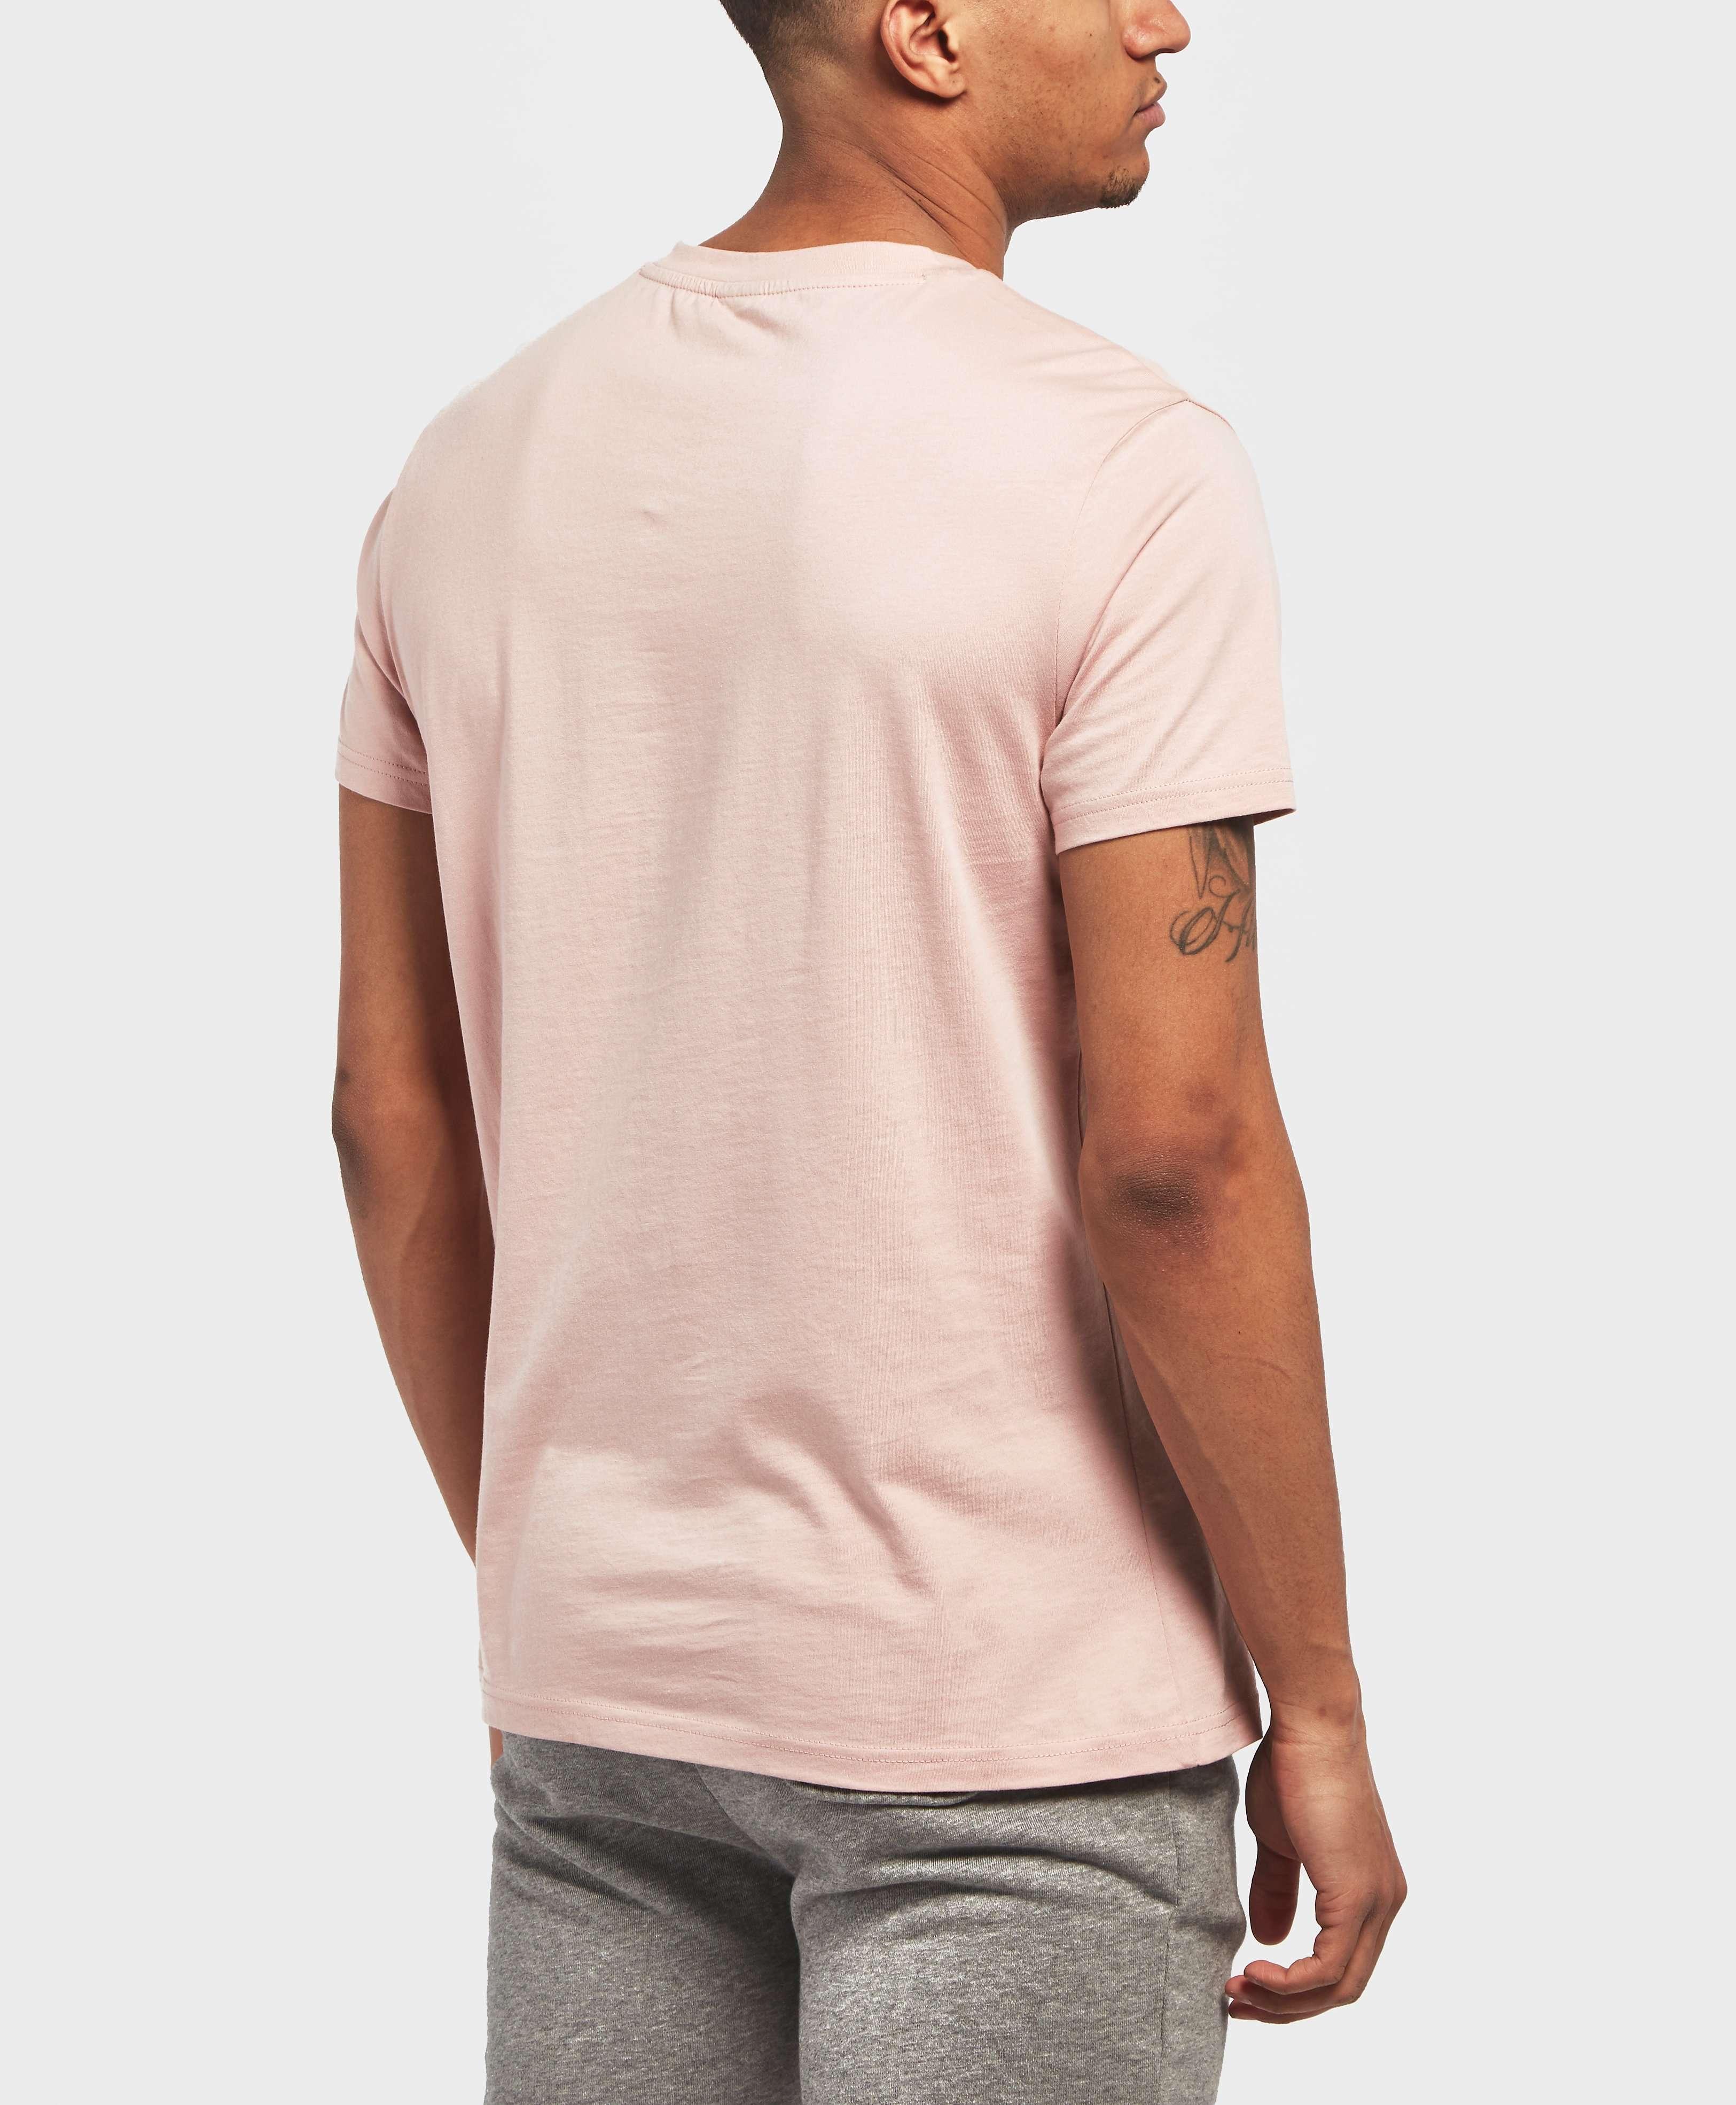 BOSS Crew Logo Short Sleeve T-shirt